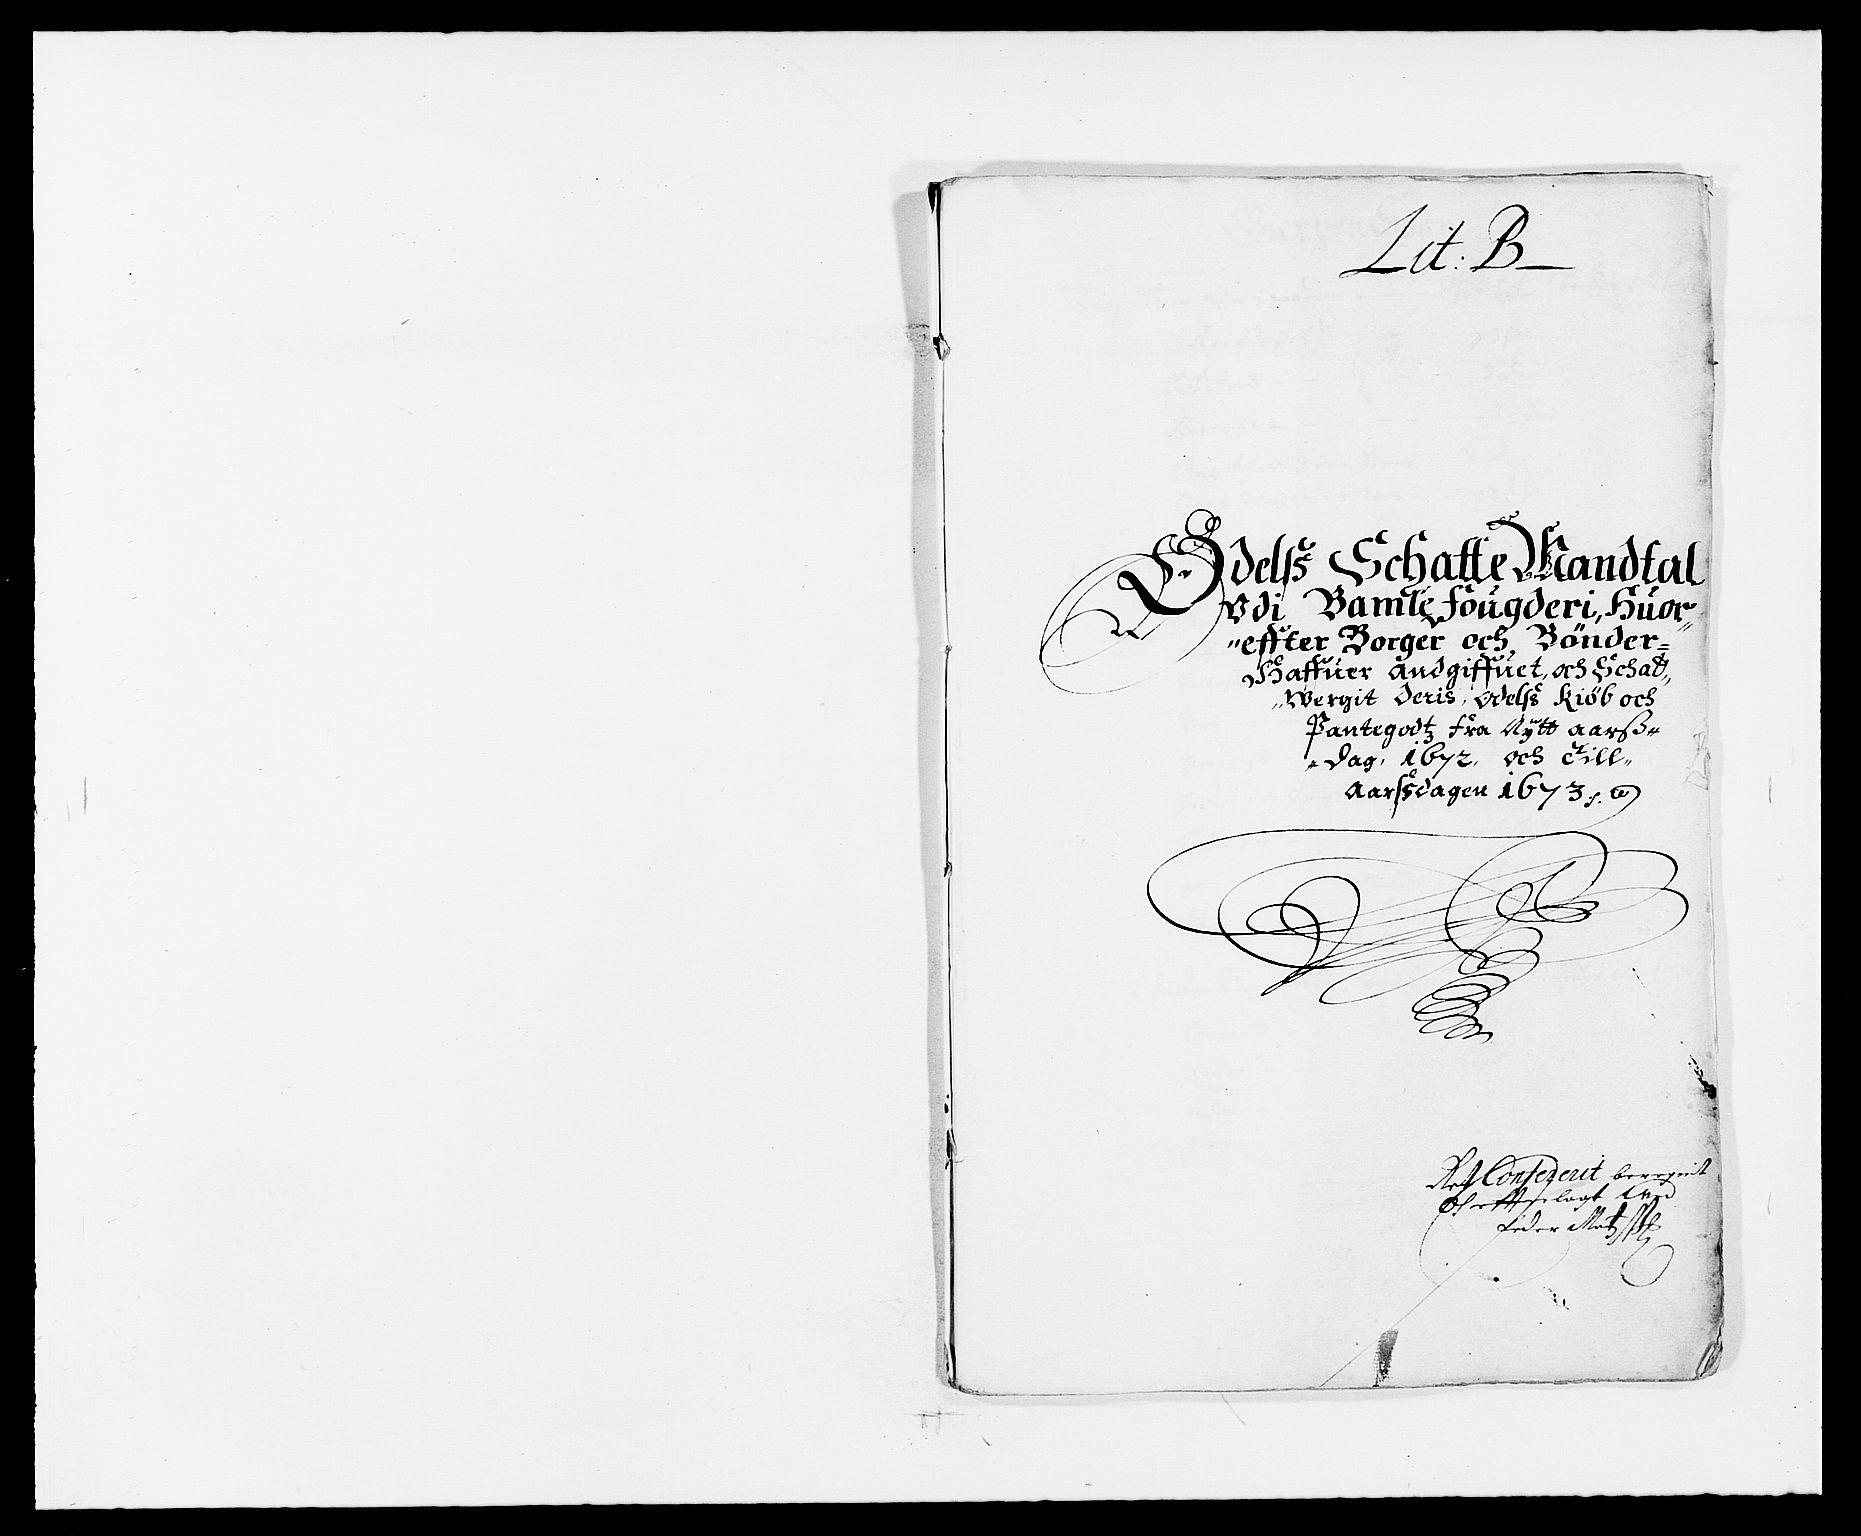 RA, Rentekammeret inntil 1814, Reviderte regnskaper, Fogderegnskap, R34/L2041: Fogderegnskap Bamble, 1670-1672, s. 306